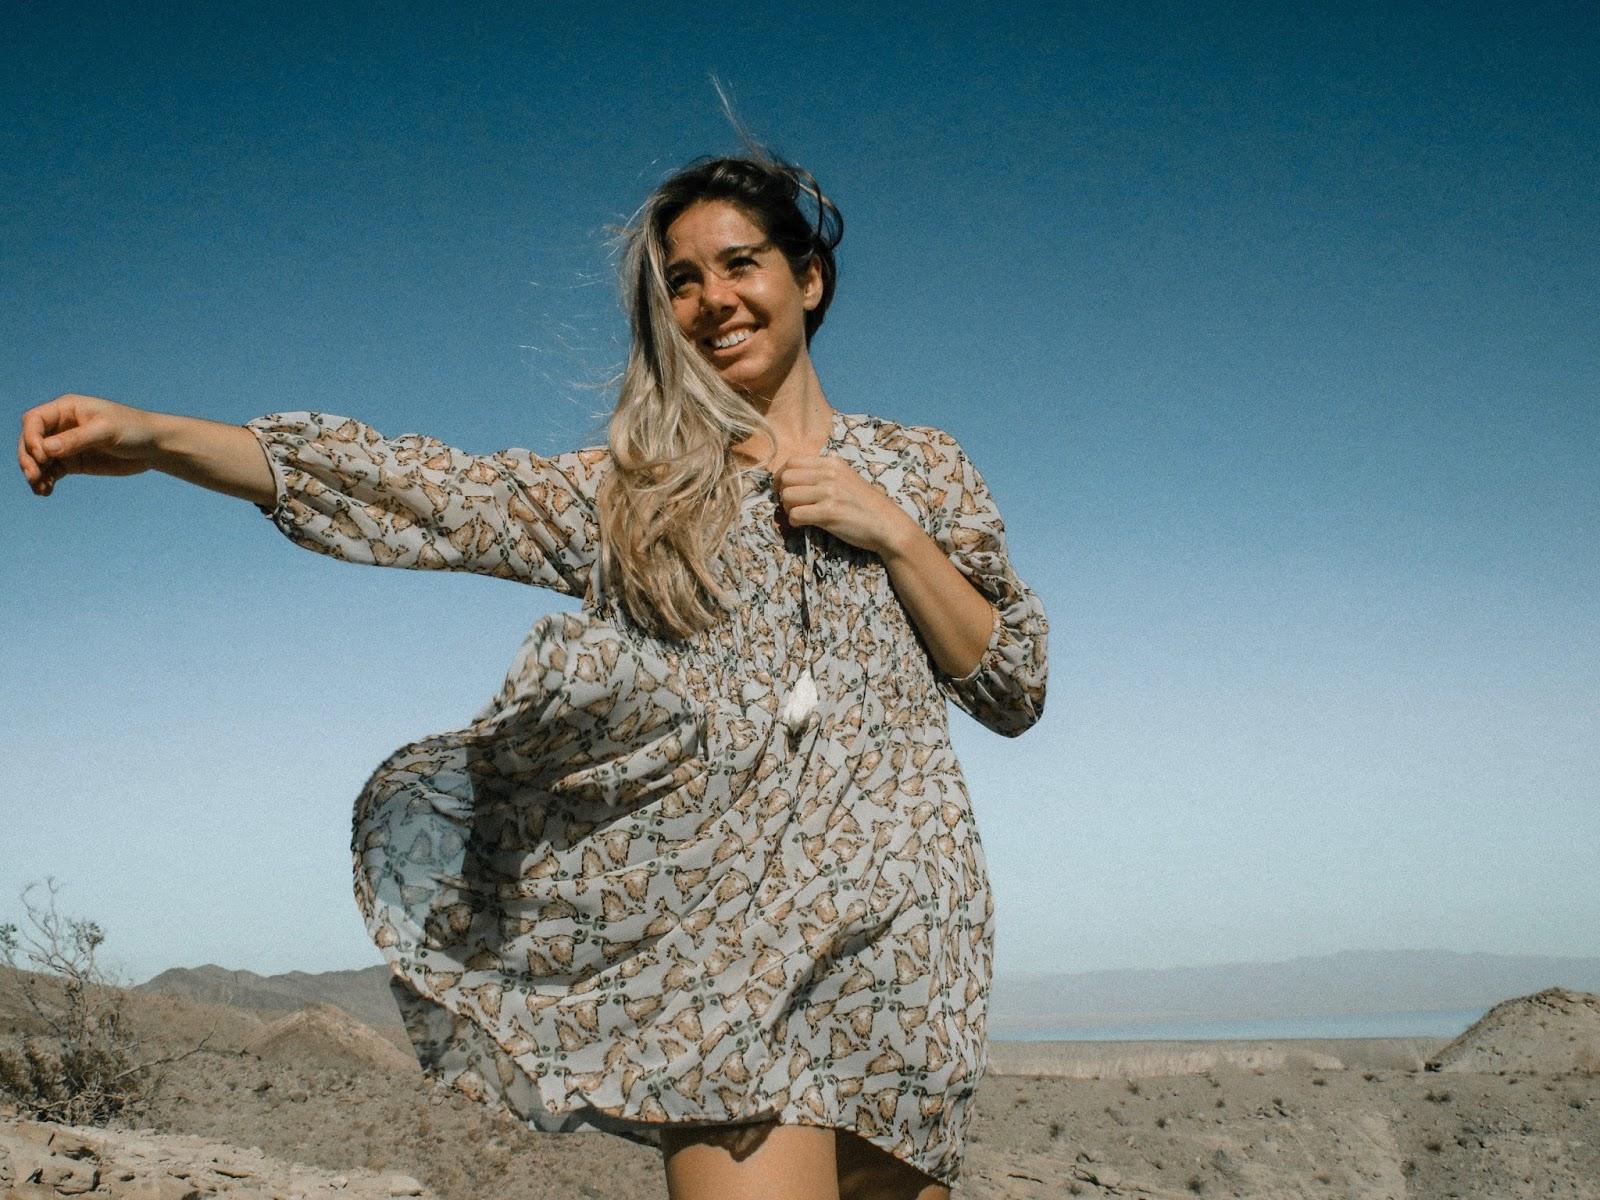 Girl windy desert dress free spirit